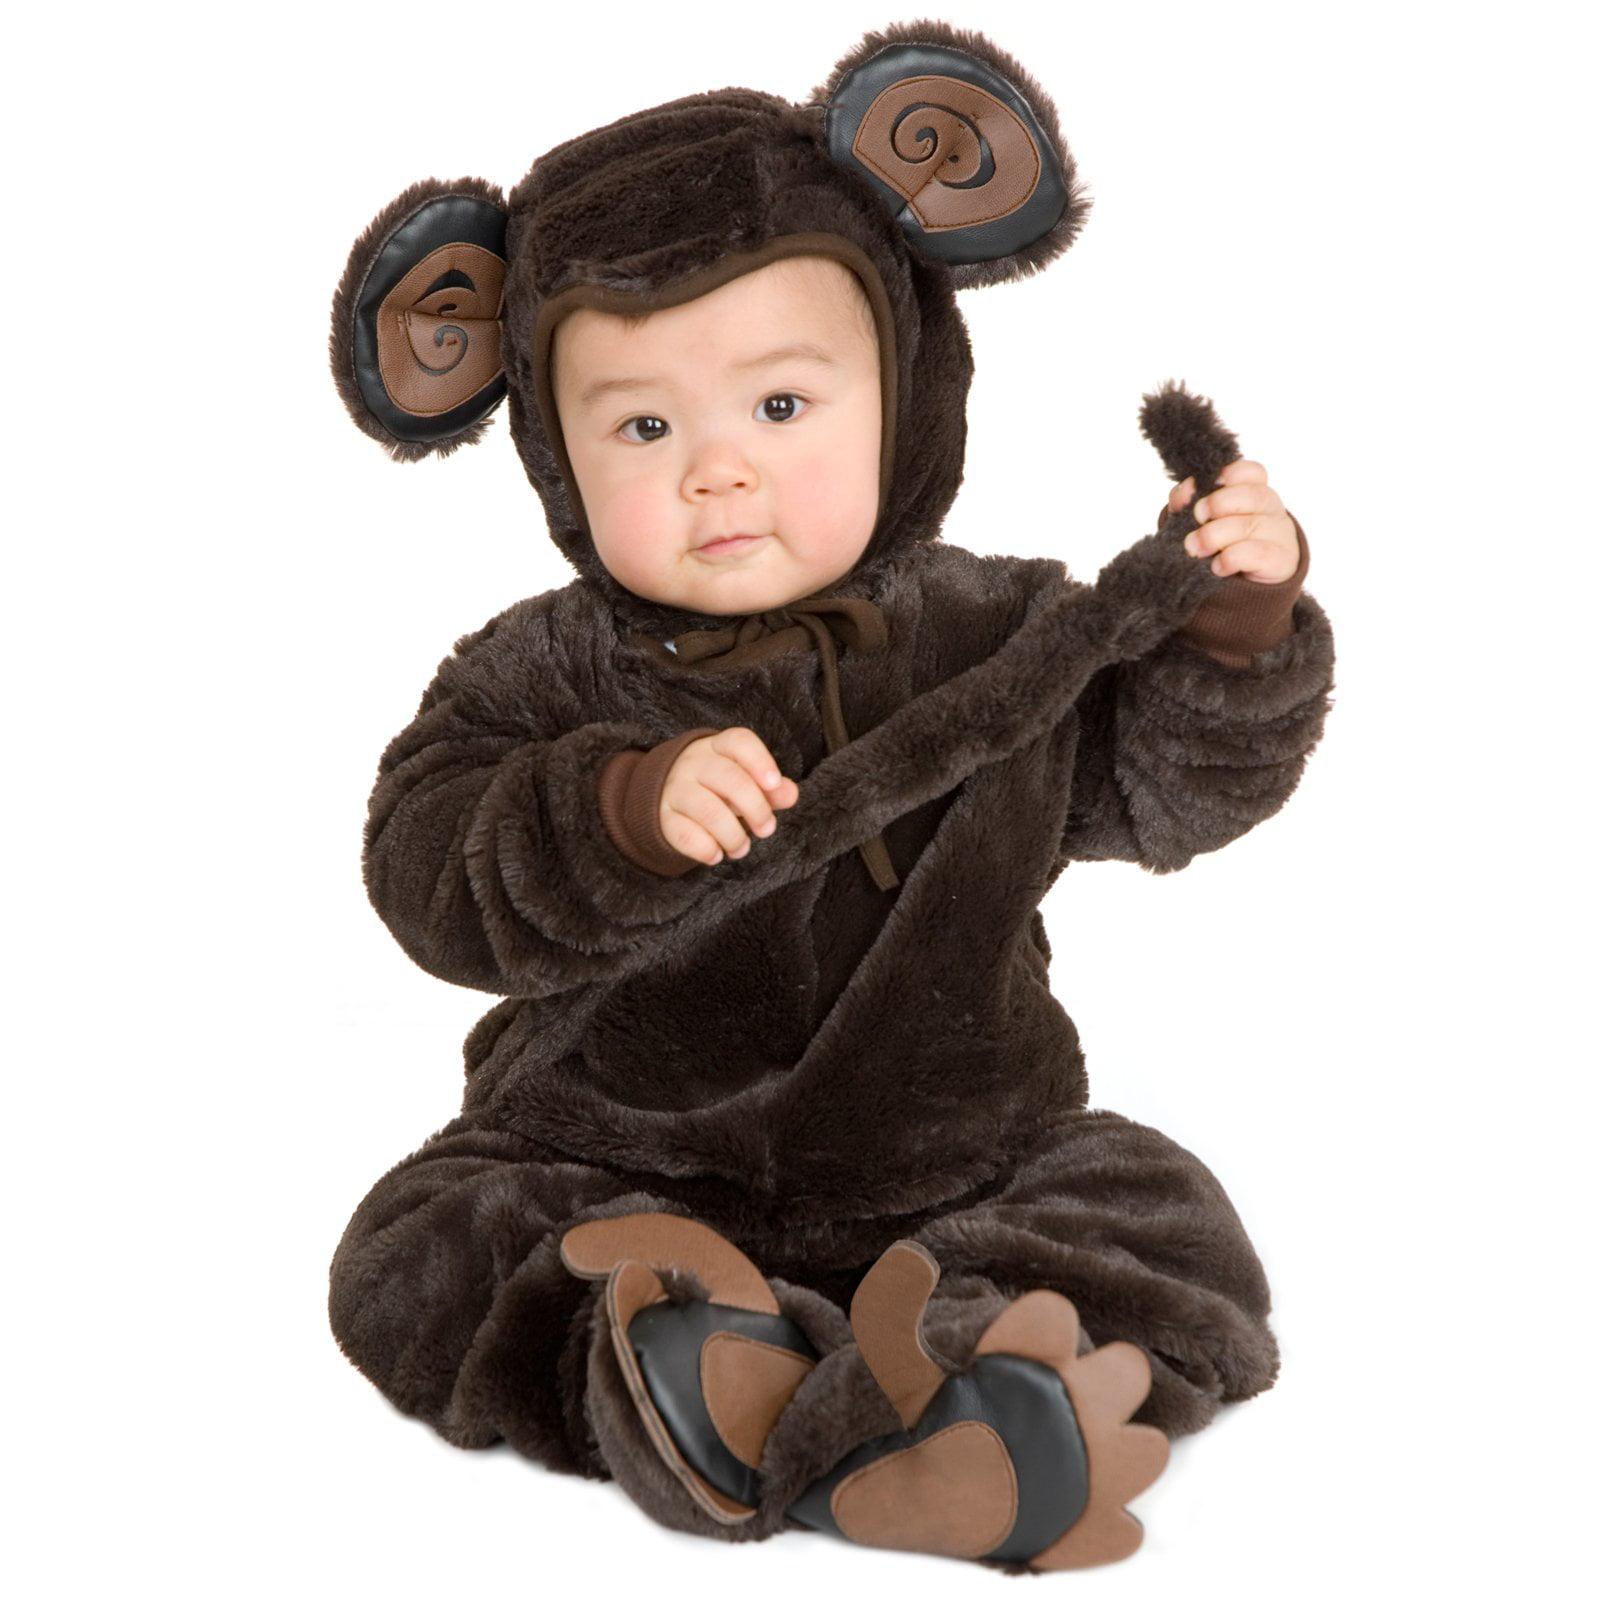 Plush Monkey Child Costume